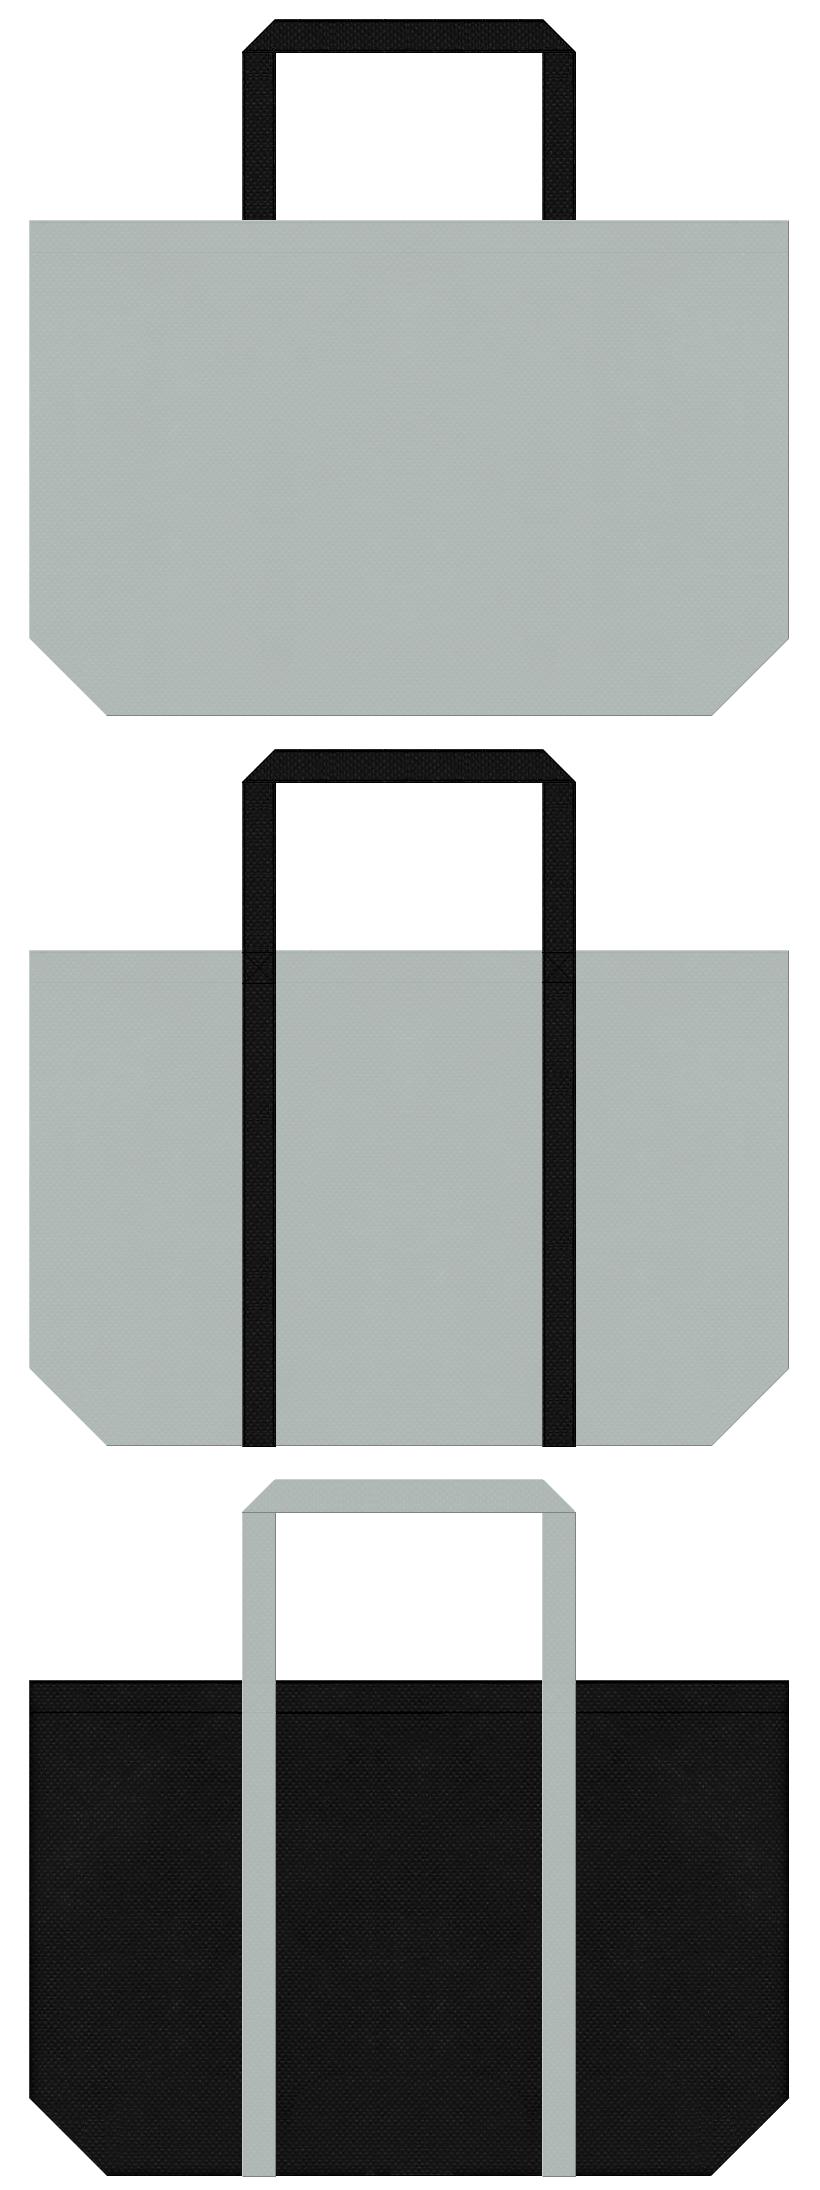 グレー色と黒色の不織布エコバッグのデザイン。